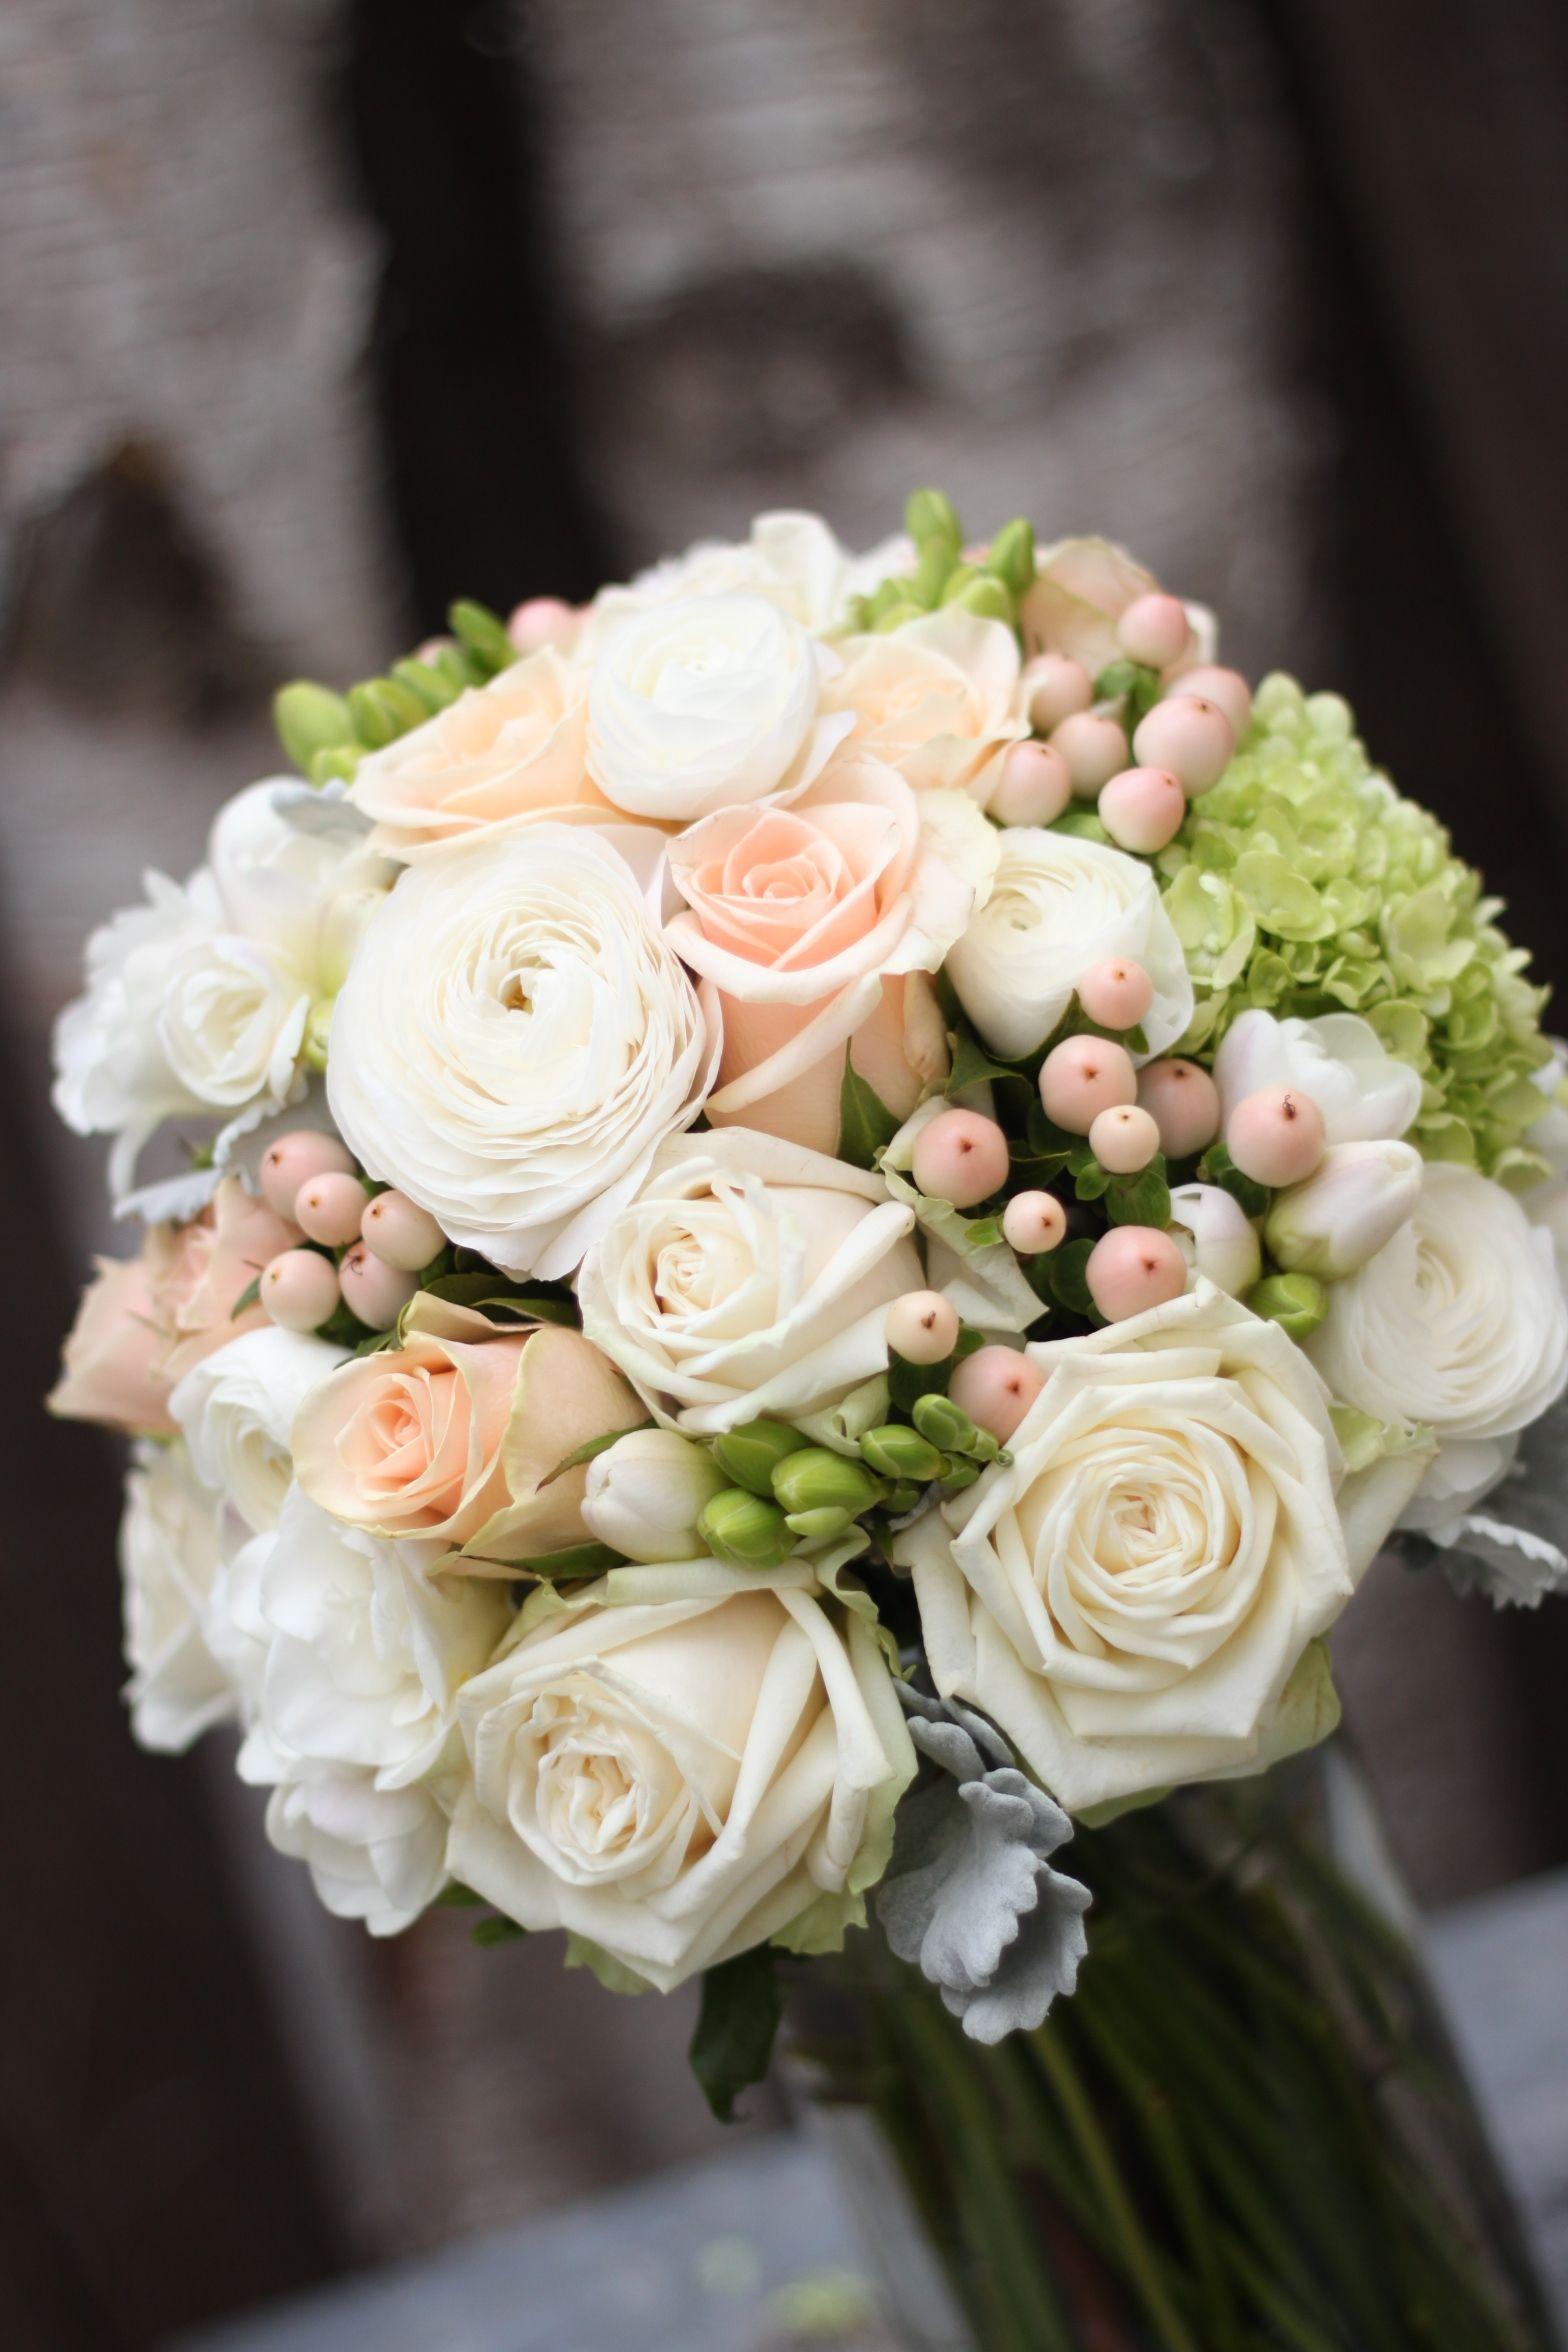 Wedding Flowers Bridal Bouquet With Vintage Tones Of Apricots And Creams Roses Ranunculus And Berri Bouquet Matrimonio Matrimonio Floreale Bouquet Di Nozze